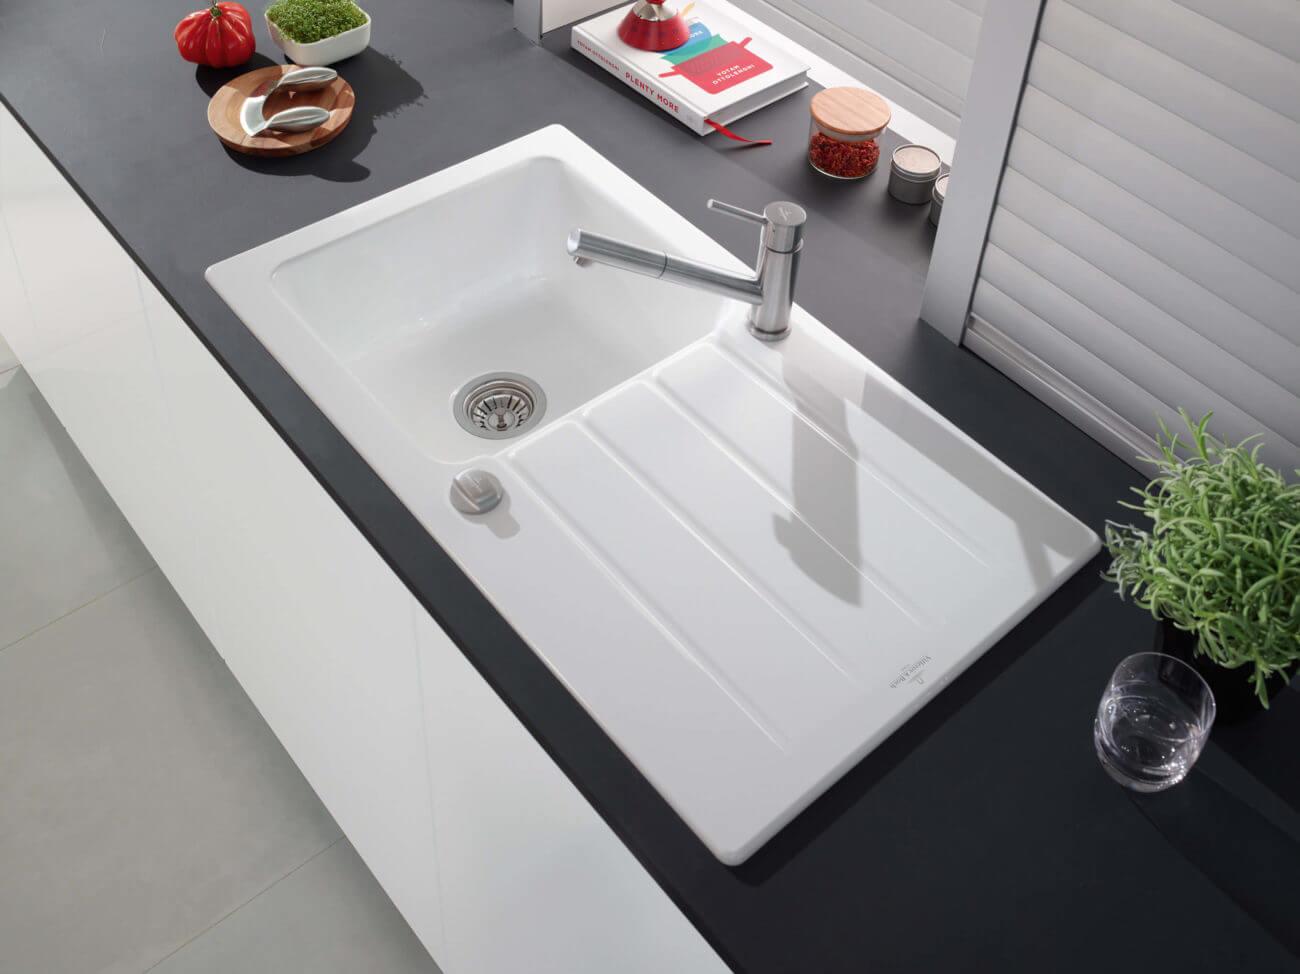 Häufig Küchenspülen-Material: Welches Material eignet sich für die Spüle HO59